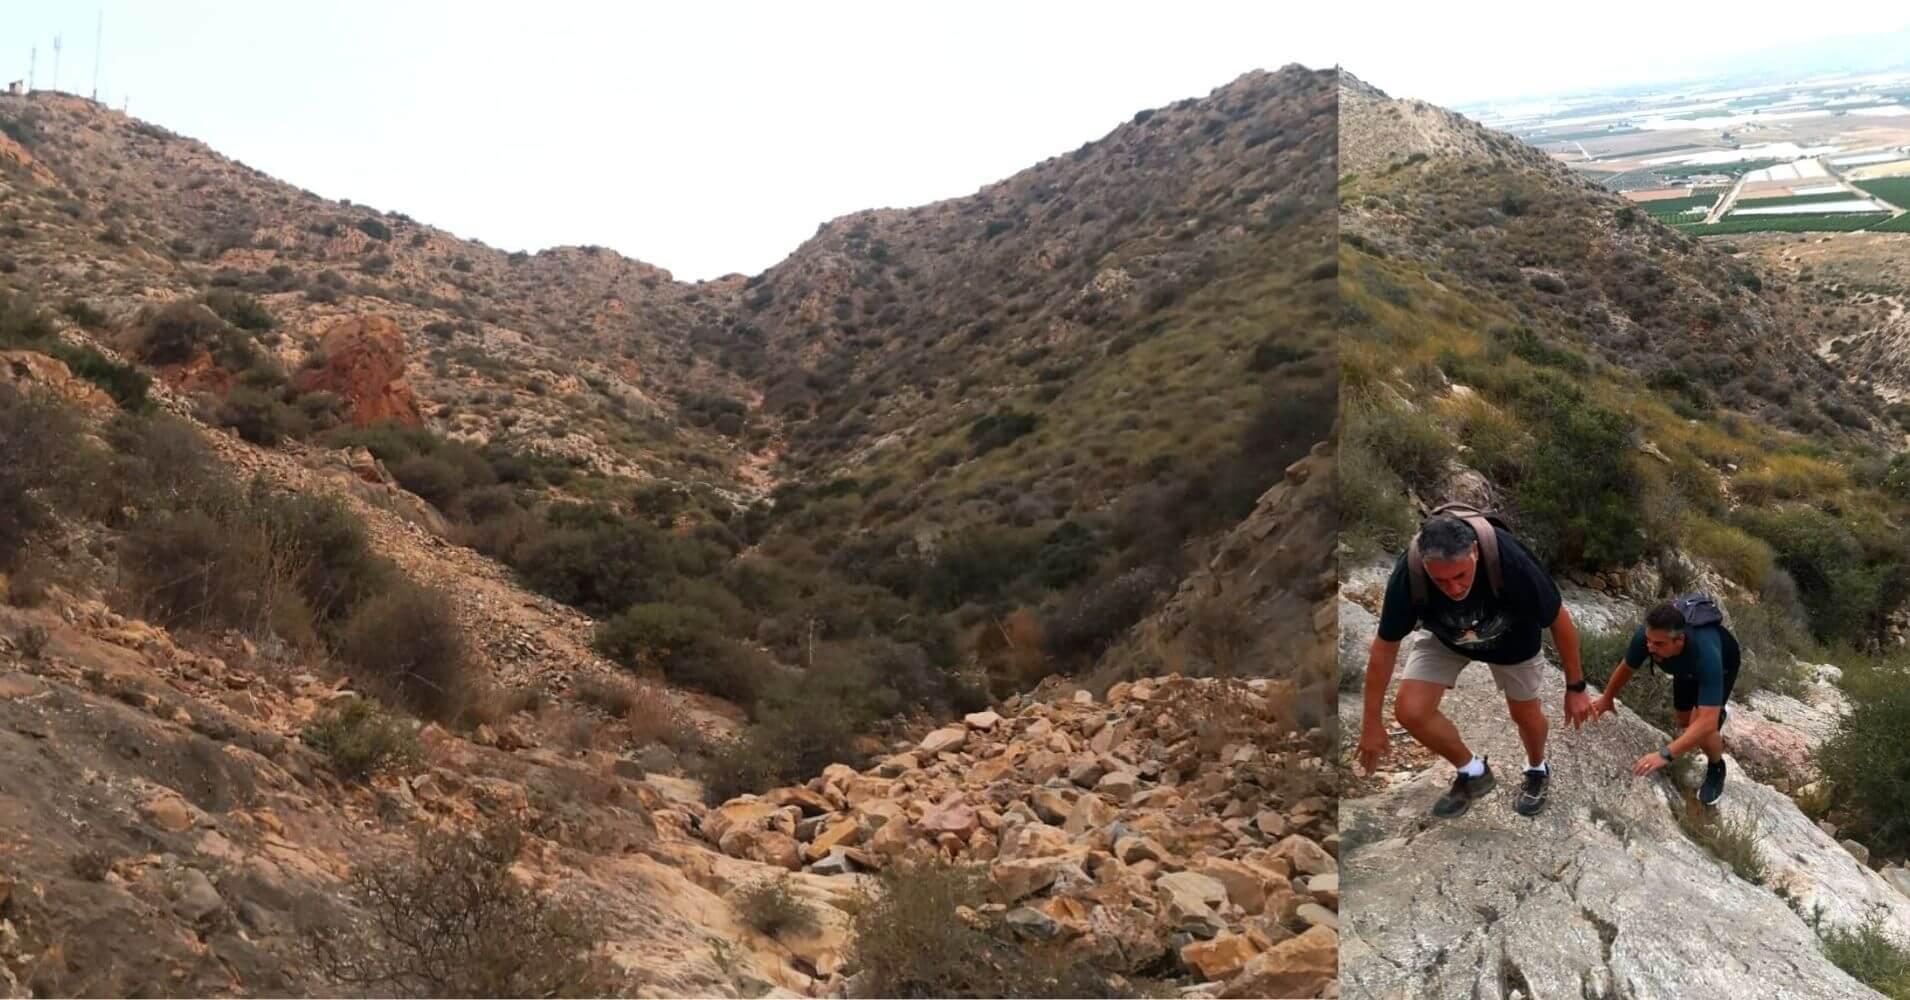 Cauce Seco y Trepada a la Cumbre del Cabezo Gordo. Torre Pacheco. Murcia.